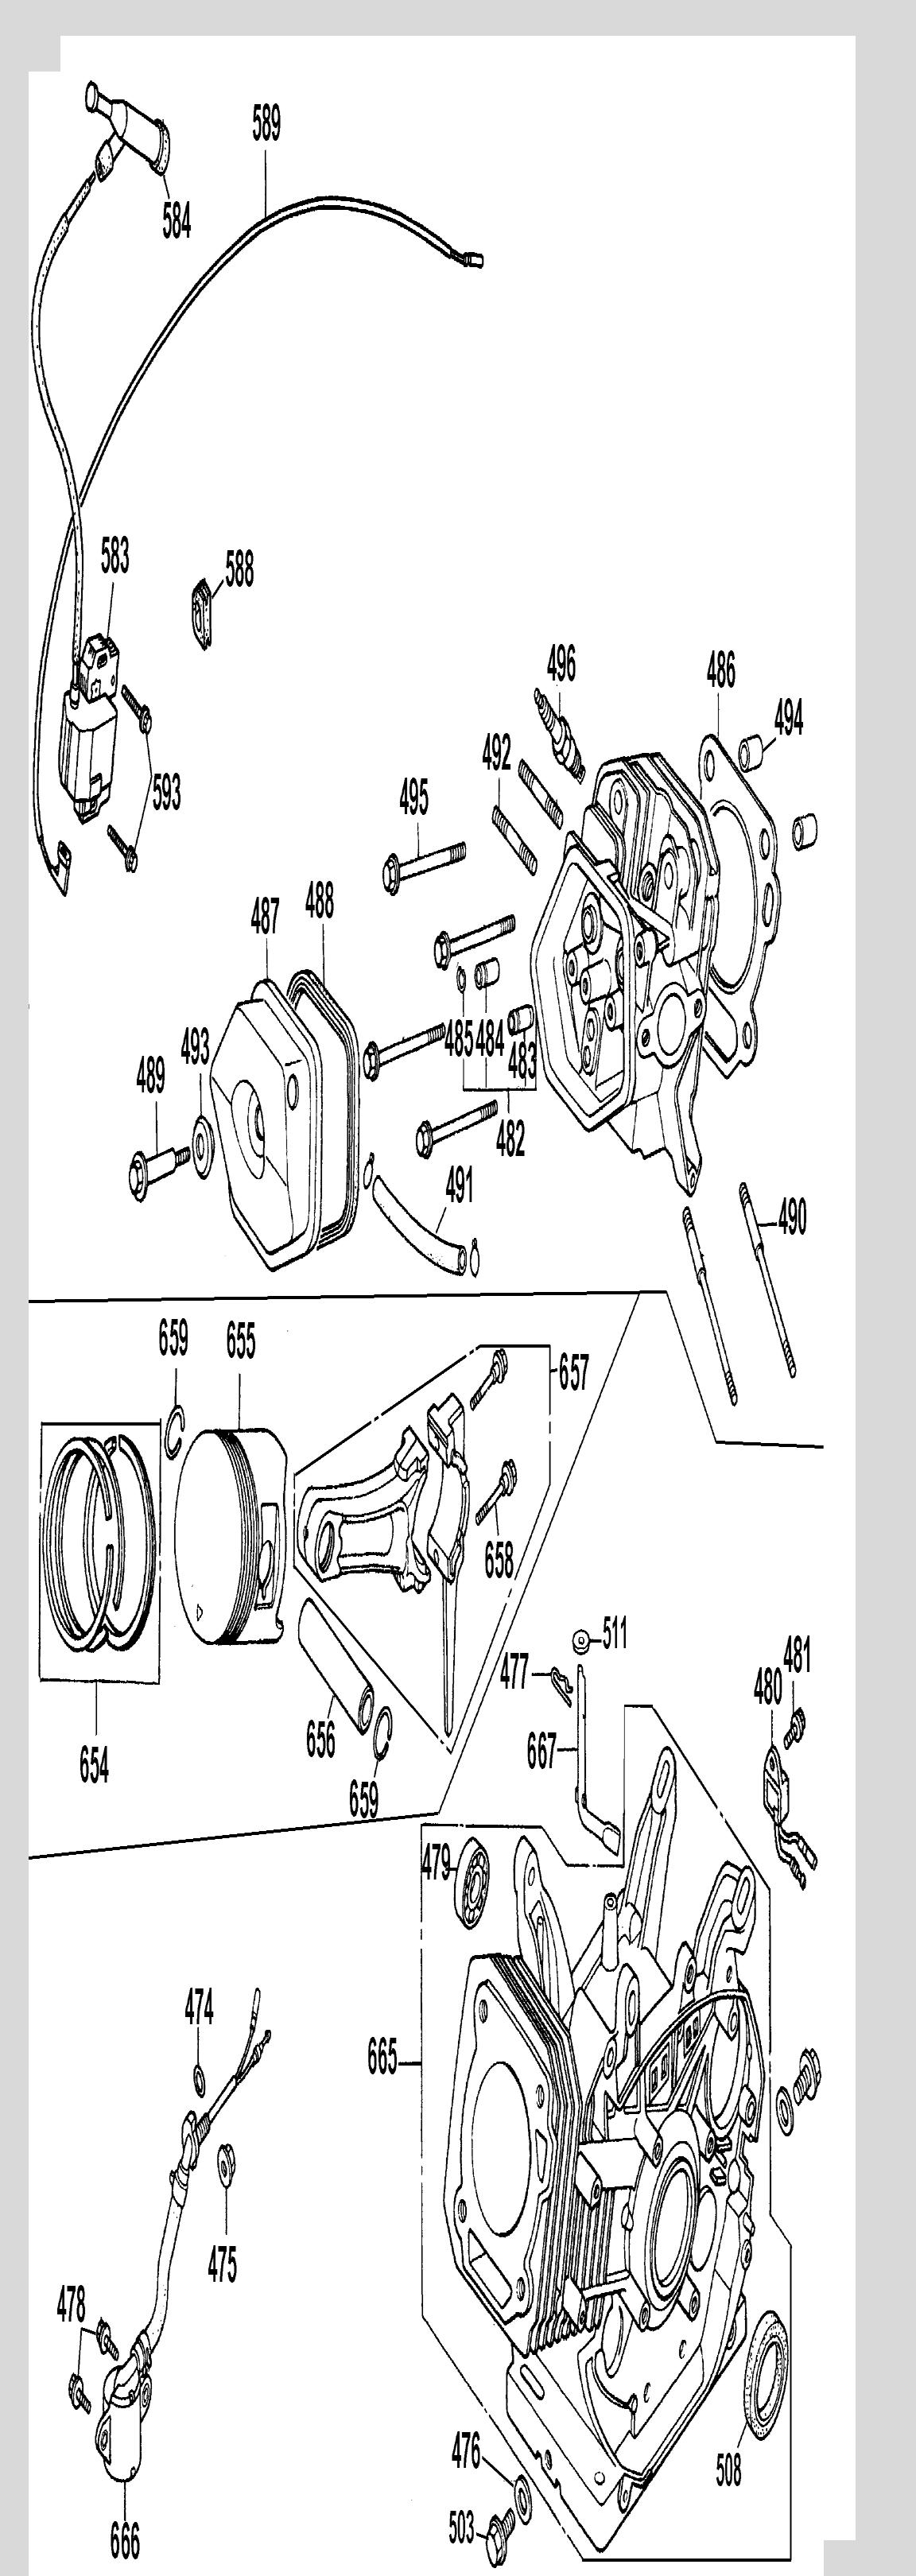 D55271-T4-Dewalt-PB-5Break Down